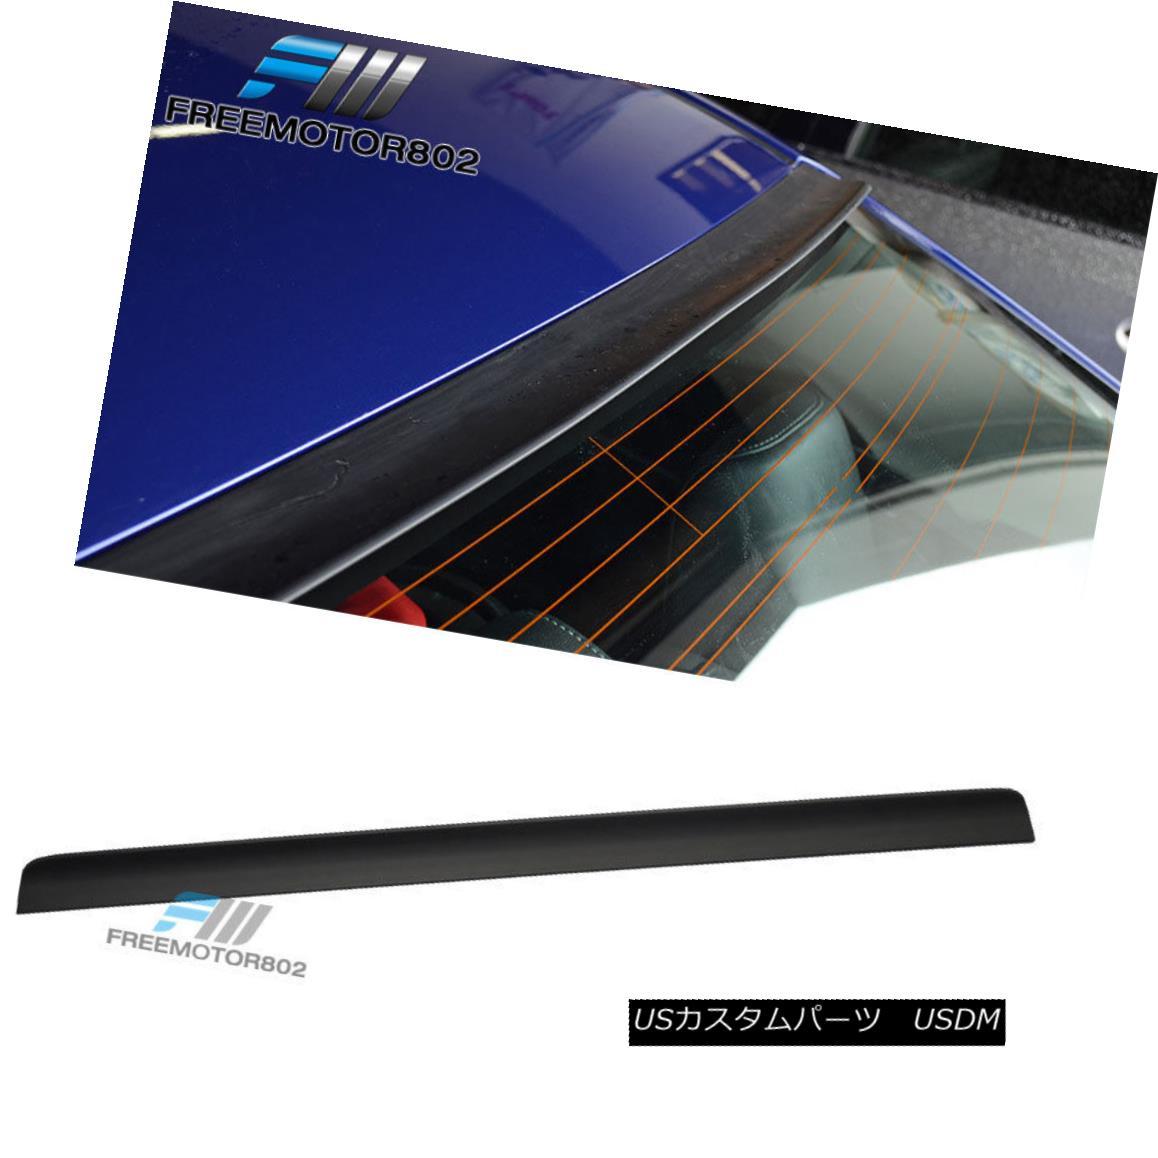 エアロパーツ For 03-08 Nissan Teana J31 4DR BRS Rear Window Visor Roof Spoiler Wing PUF 03-08日産ティーナJ31 4DR BRSリアウィンドウバイザールーフスポイラーウイングPUF